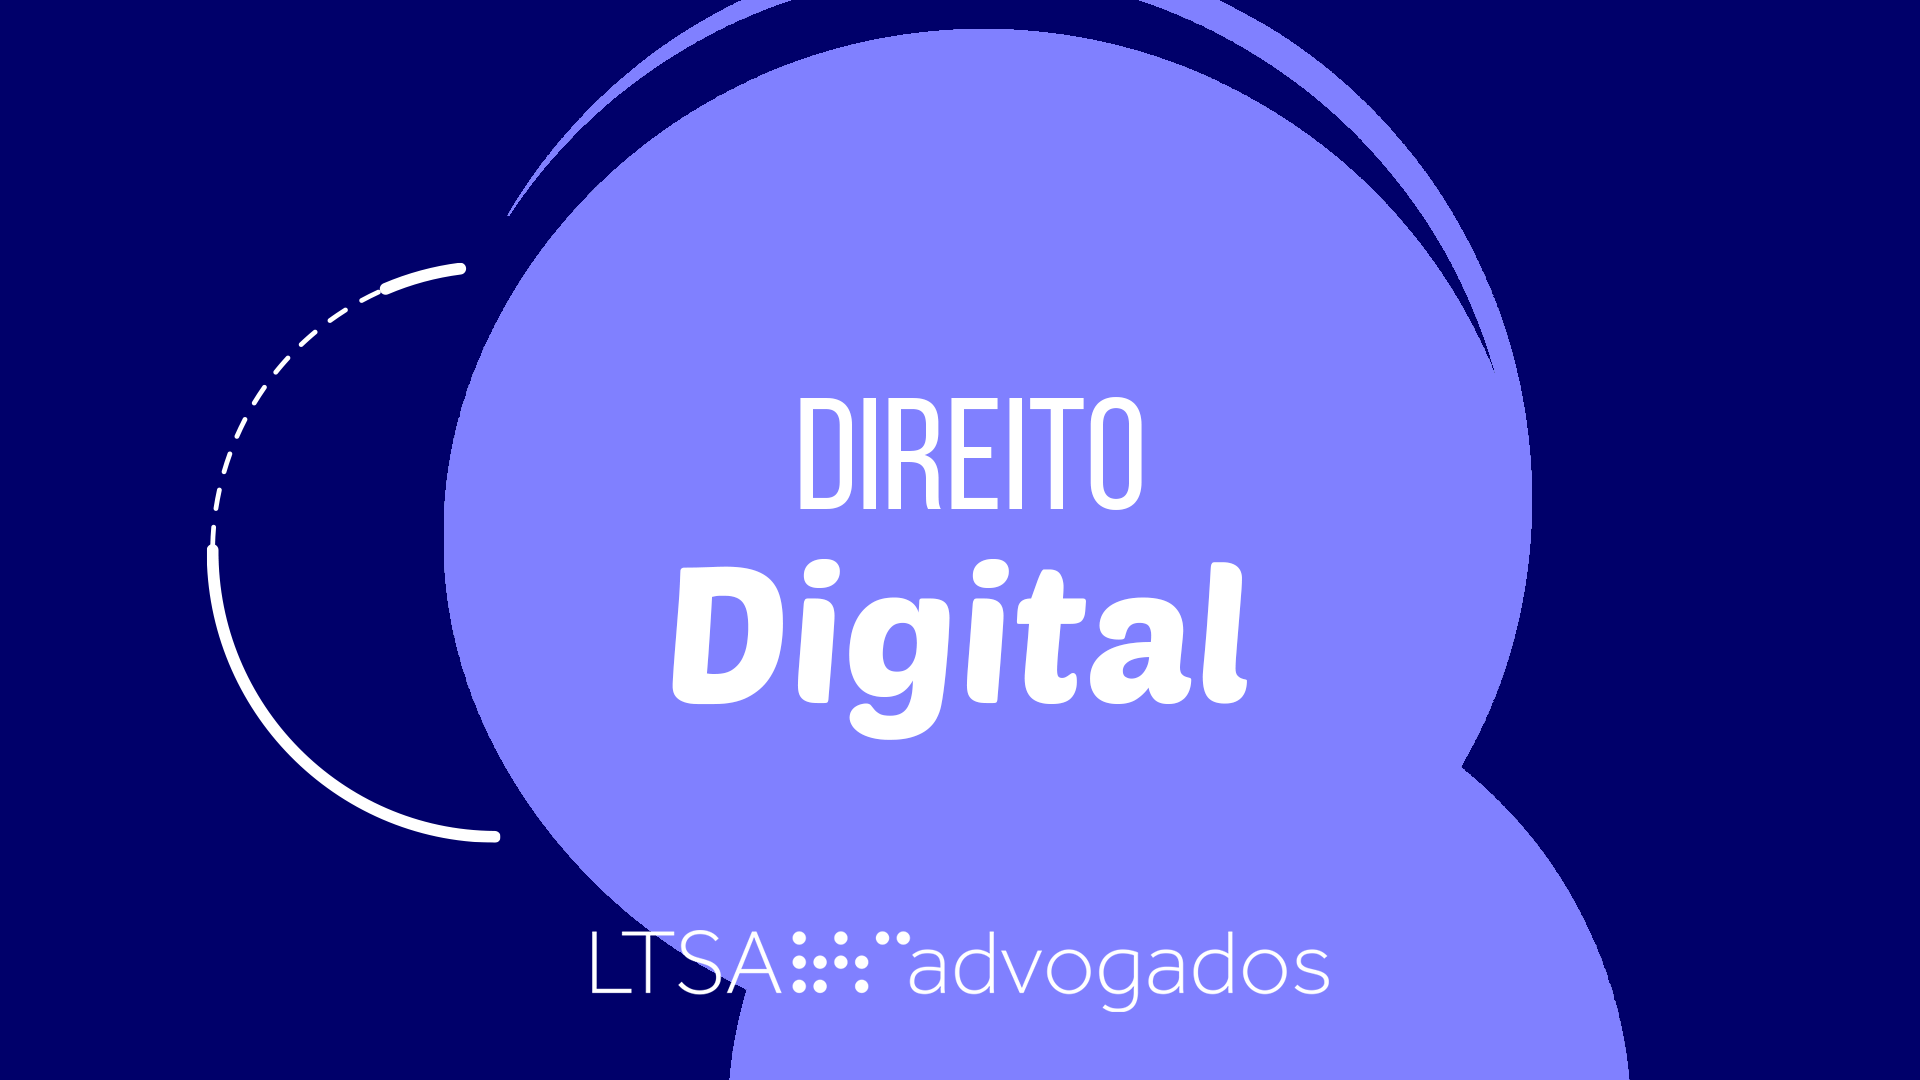 LTSA Advogados São Paulo Direito Digital